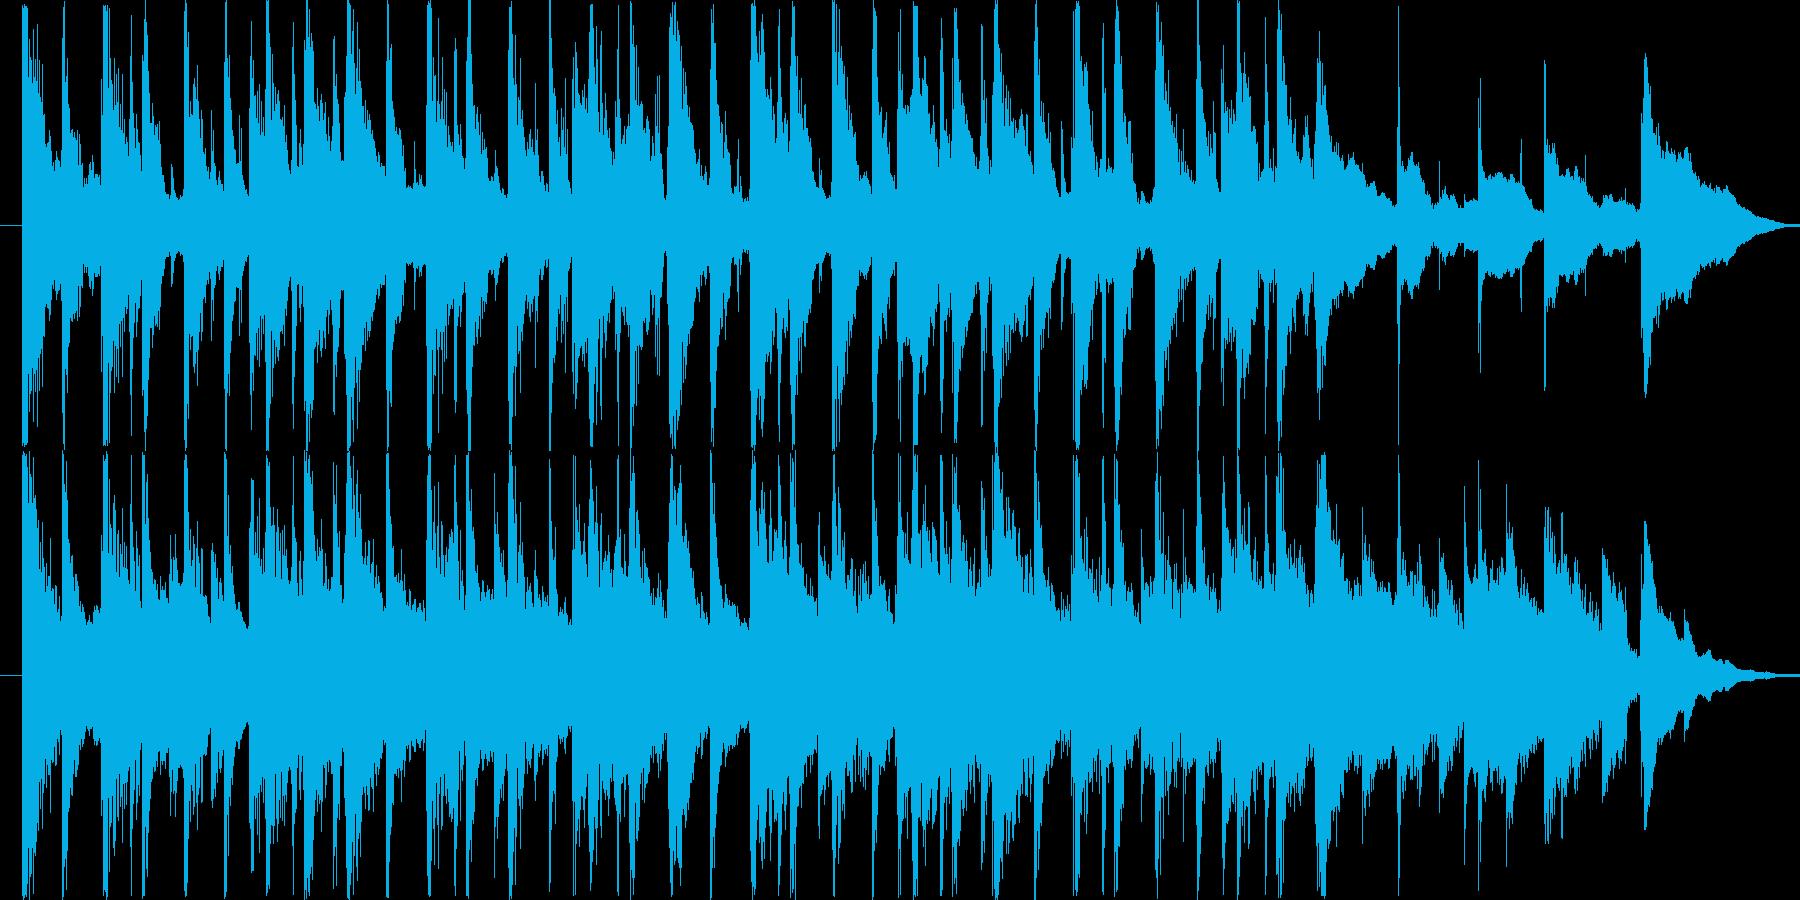 楽しい雰囲気のBGM(15ver)の再生済みの波形